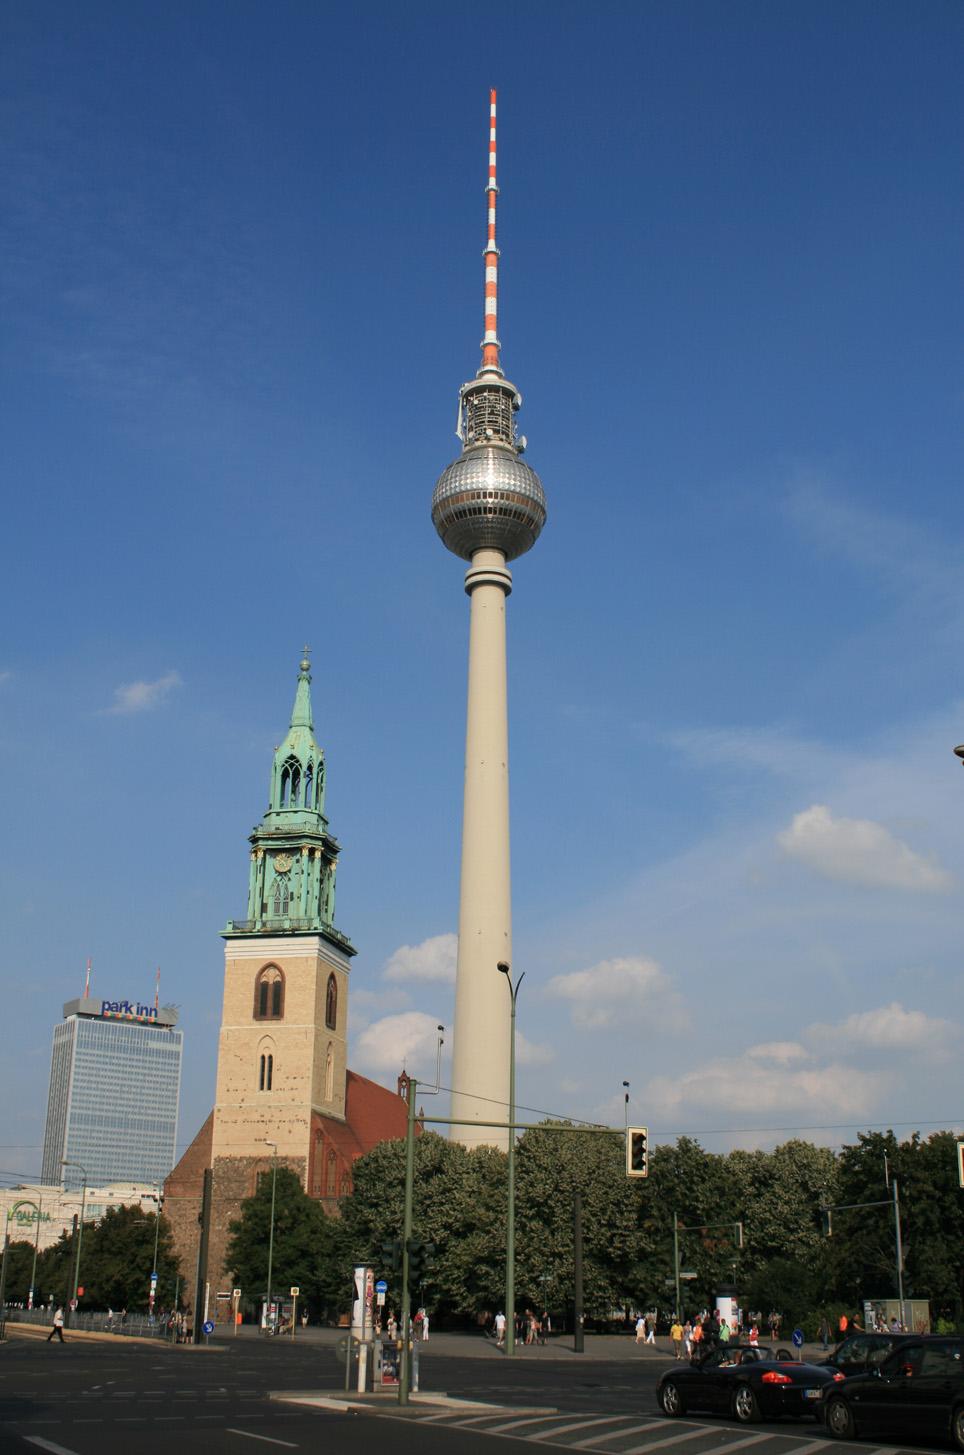 Berlino - Fernsehturm o torre della televisione...